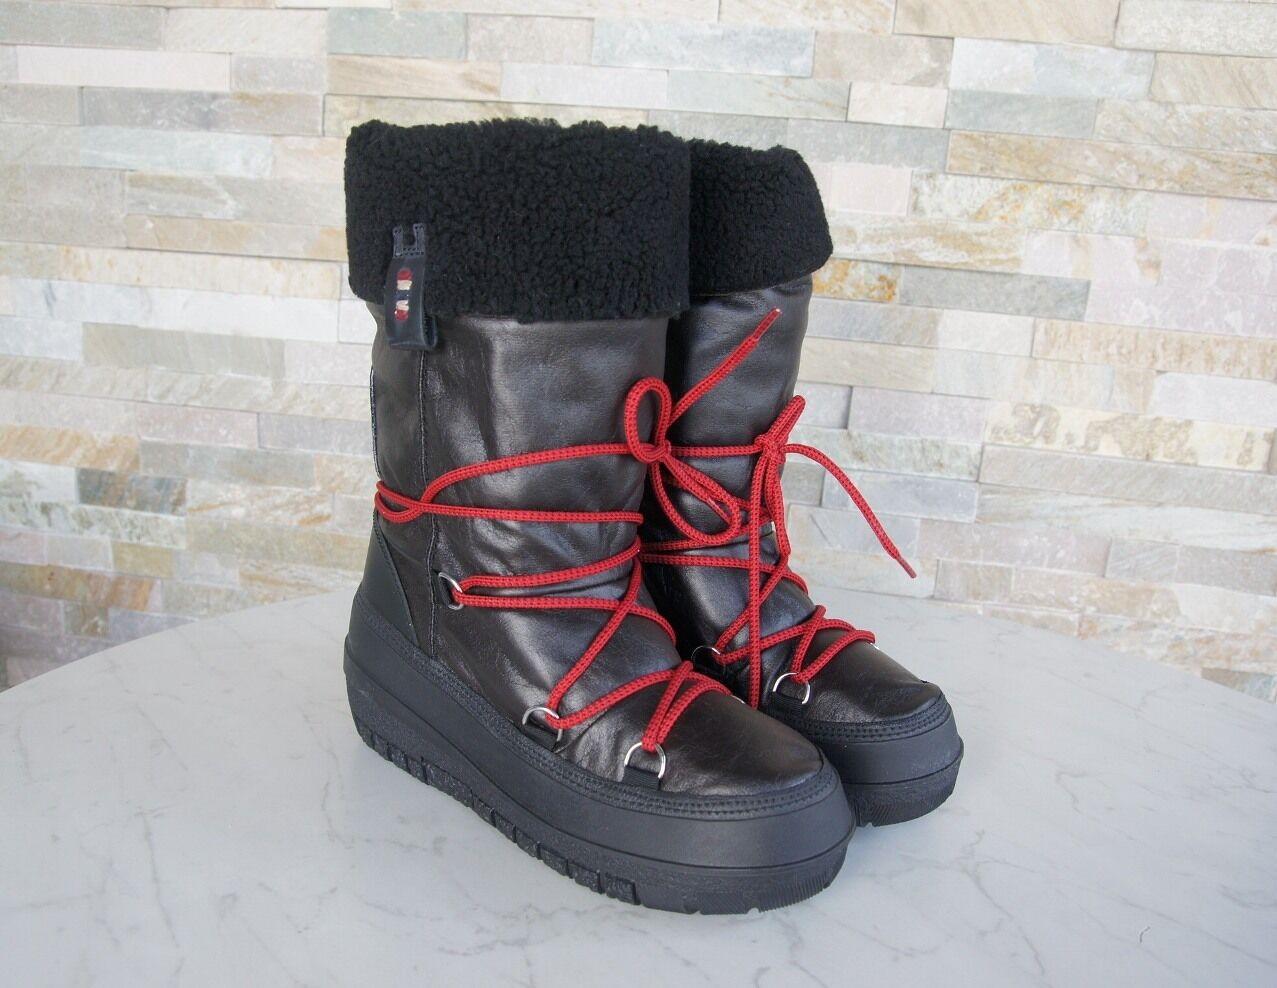 Napapijri GR 36,5 botas fell nieve botas zapatos zapatos bella negro nuevo